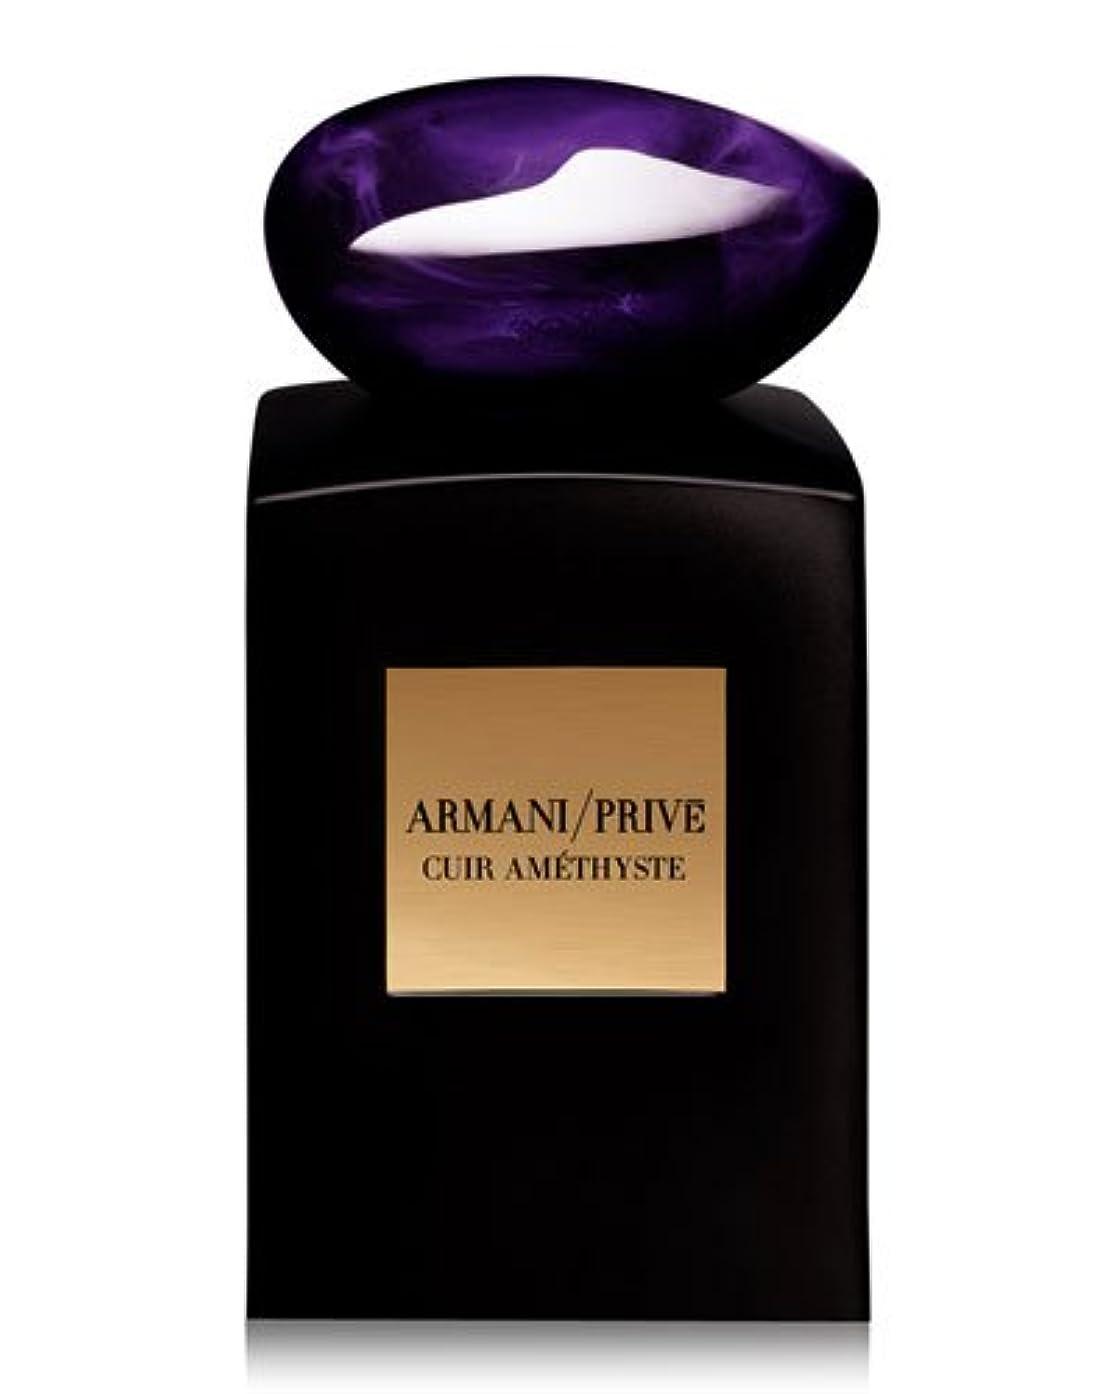 光電年次才能Armani Prive Cuir Amethyste (アルマーニ プリベ キュア アメジスト) 3.4 oz (100ml) EDP Spray by Giorgio Armani for Men